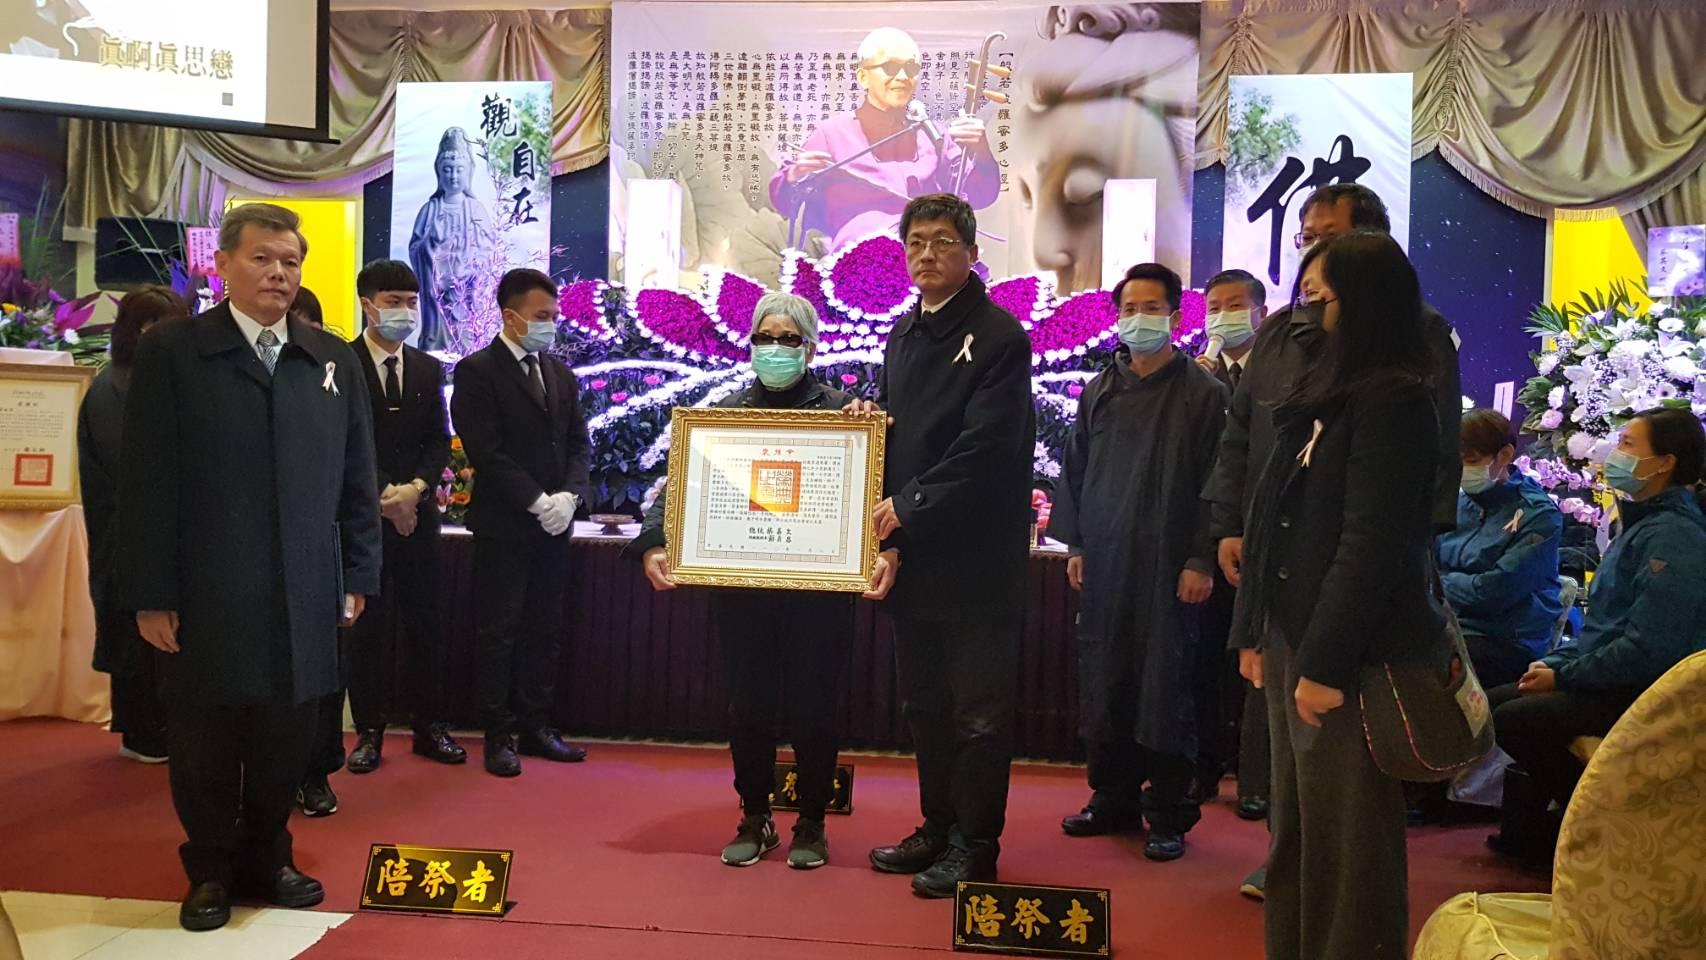 國寶客家山歌大師徐木珍追思會 楊長鎮代表頒發總統褒揚令